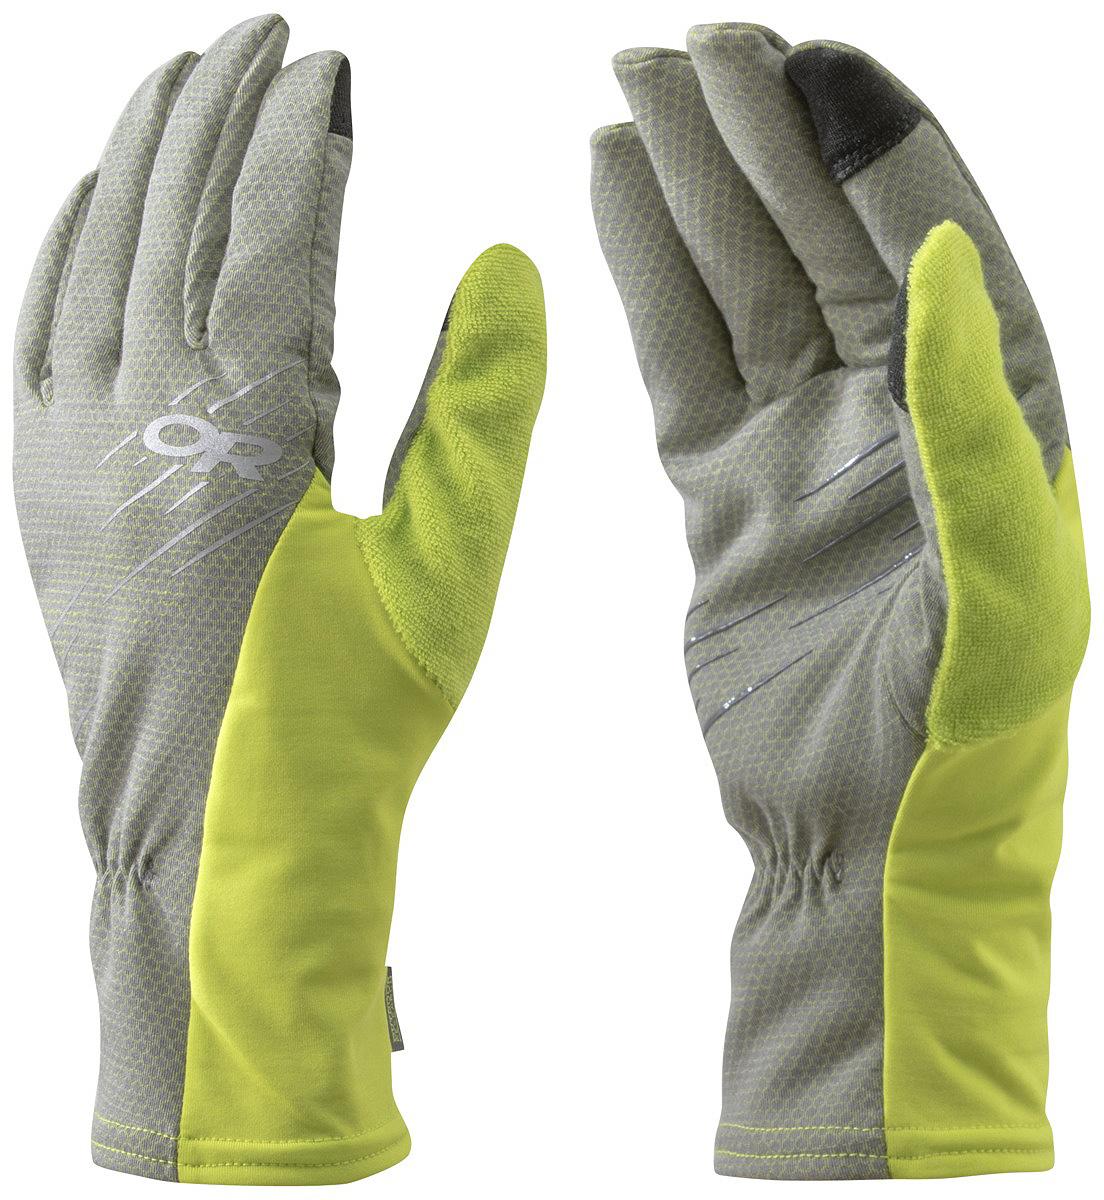 Перчатки Outdoor Research Hiftup Sensor, цвет: серый, желтый. 2540540054. Размер M2540540054Перчатки для пеших походов и прогулок предназначены для использования в теплое время года. Ткань легкая, дышащая, защищает от ветра, быстро сохнет. Большой и указательный палец Touch-screen.